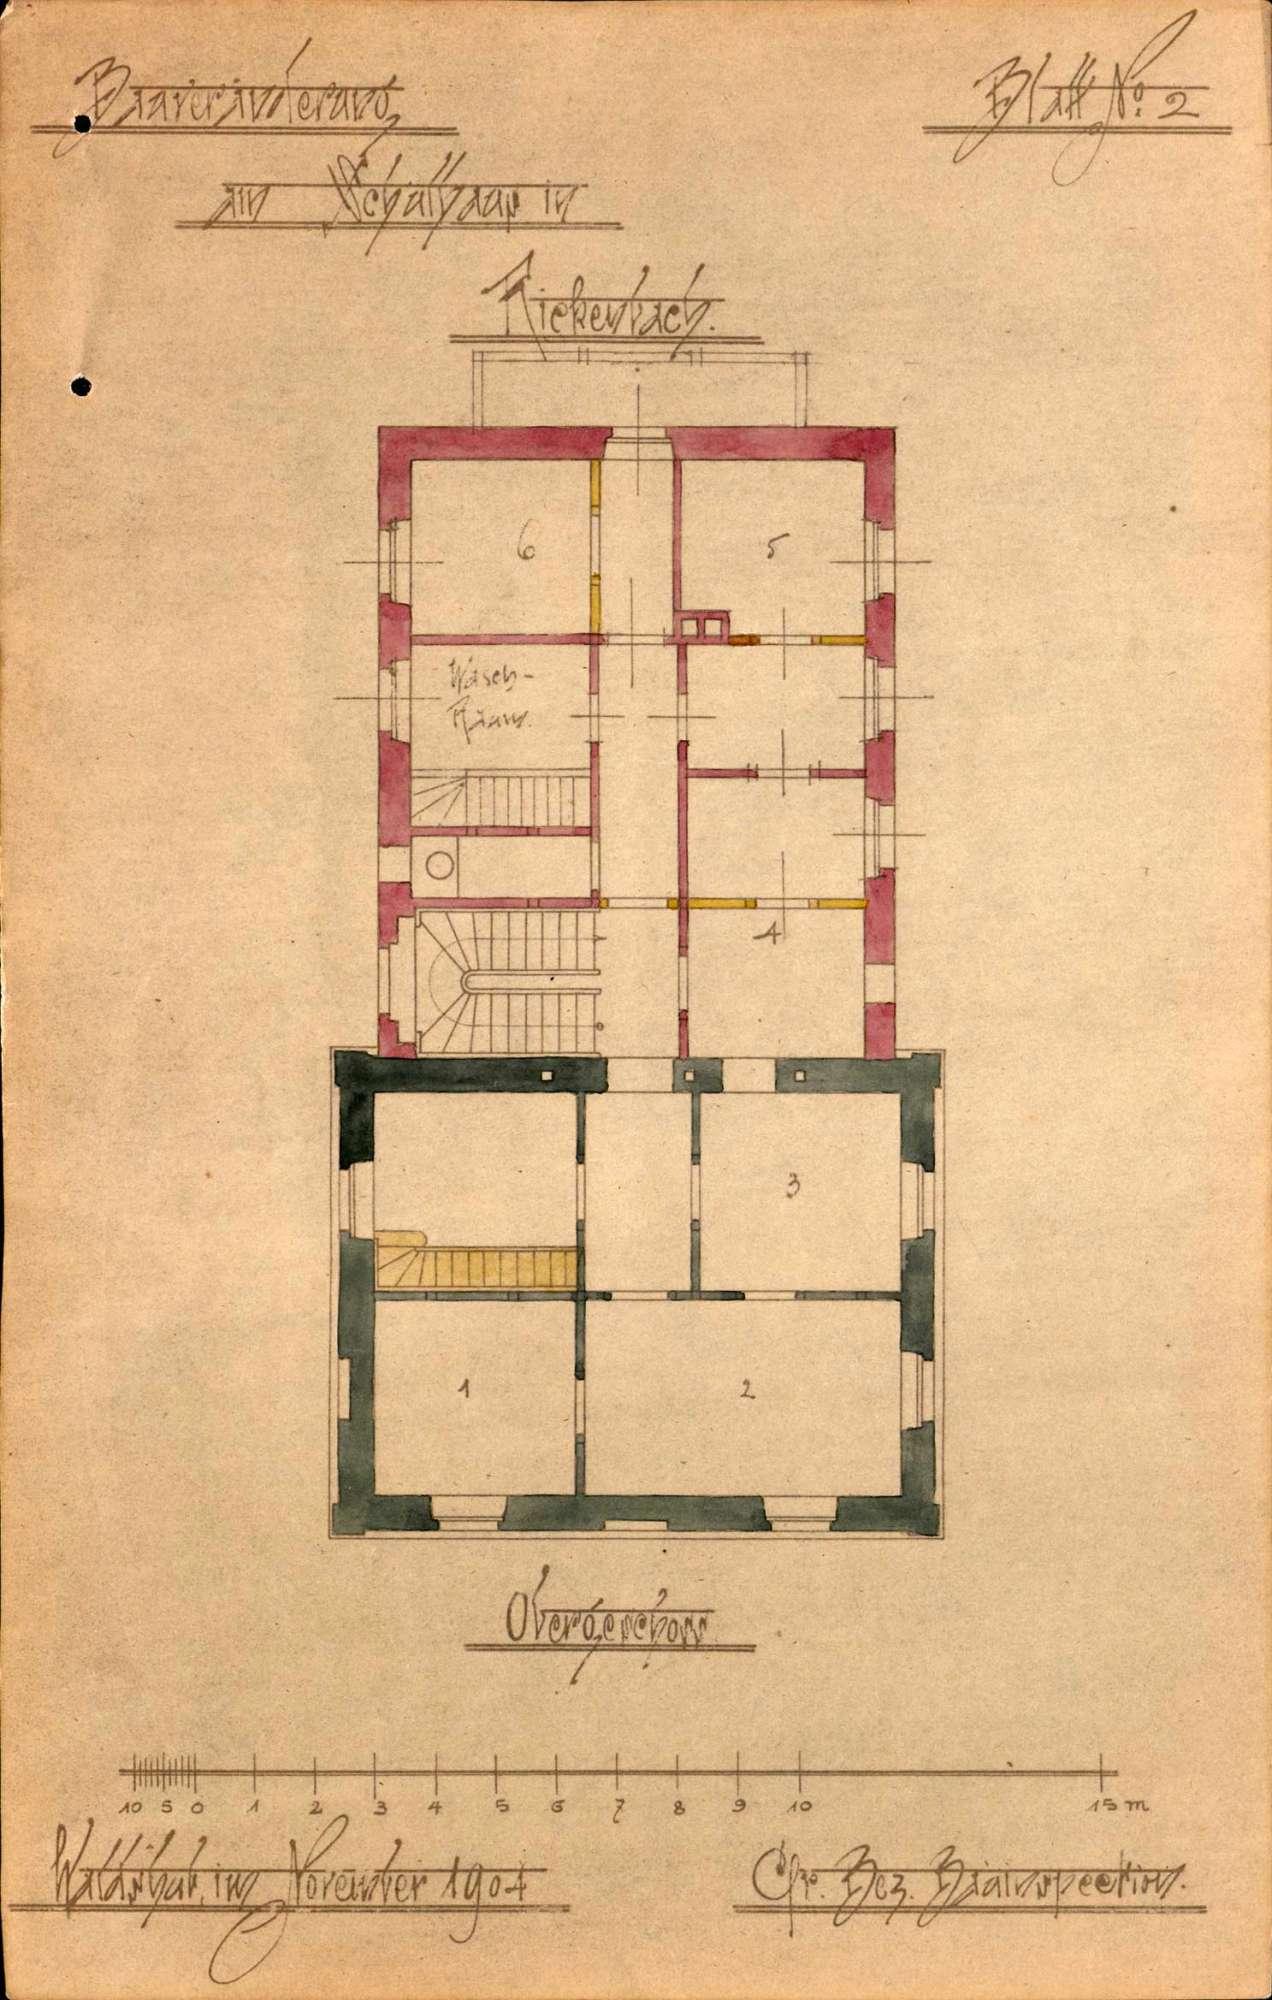 Bauliche Unterhaltung und Umbau des Schulhauses in Rickenbach, Bild 2